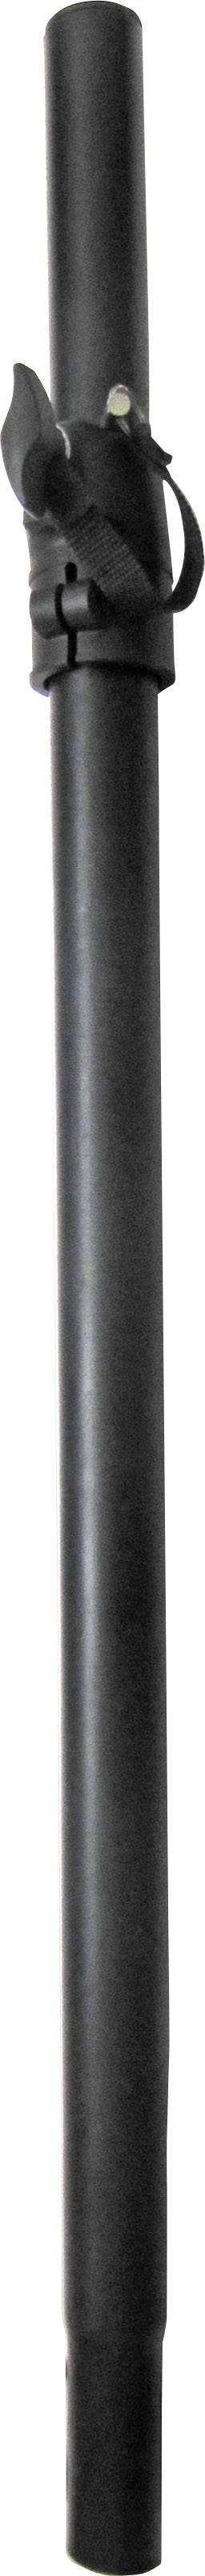 Prodlužovací tyč na stojan reproduktoru, 90 - 150 cm, nosnost 25 kg, černá